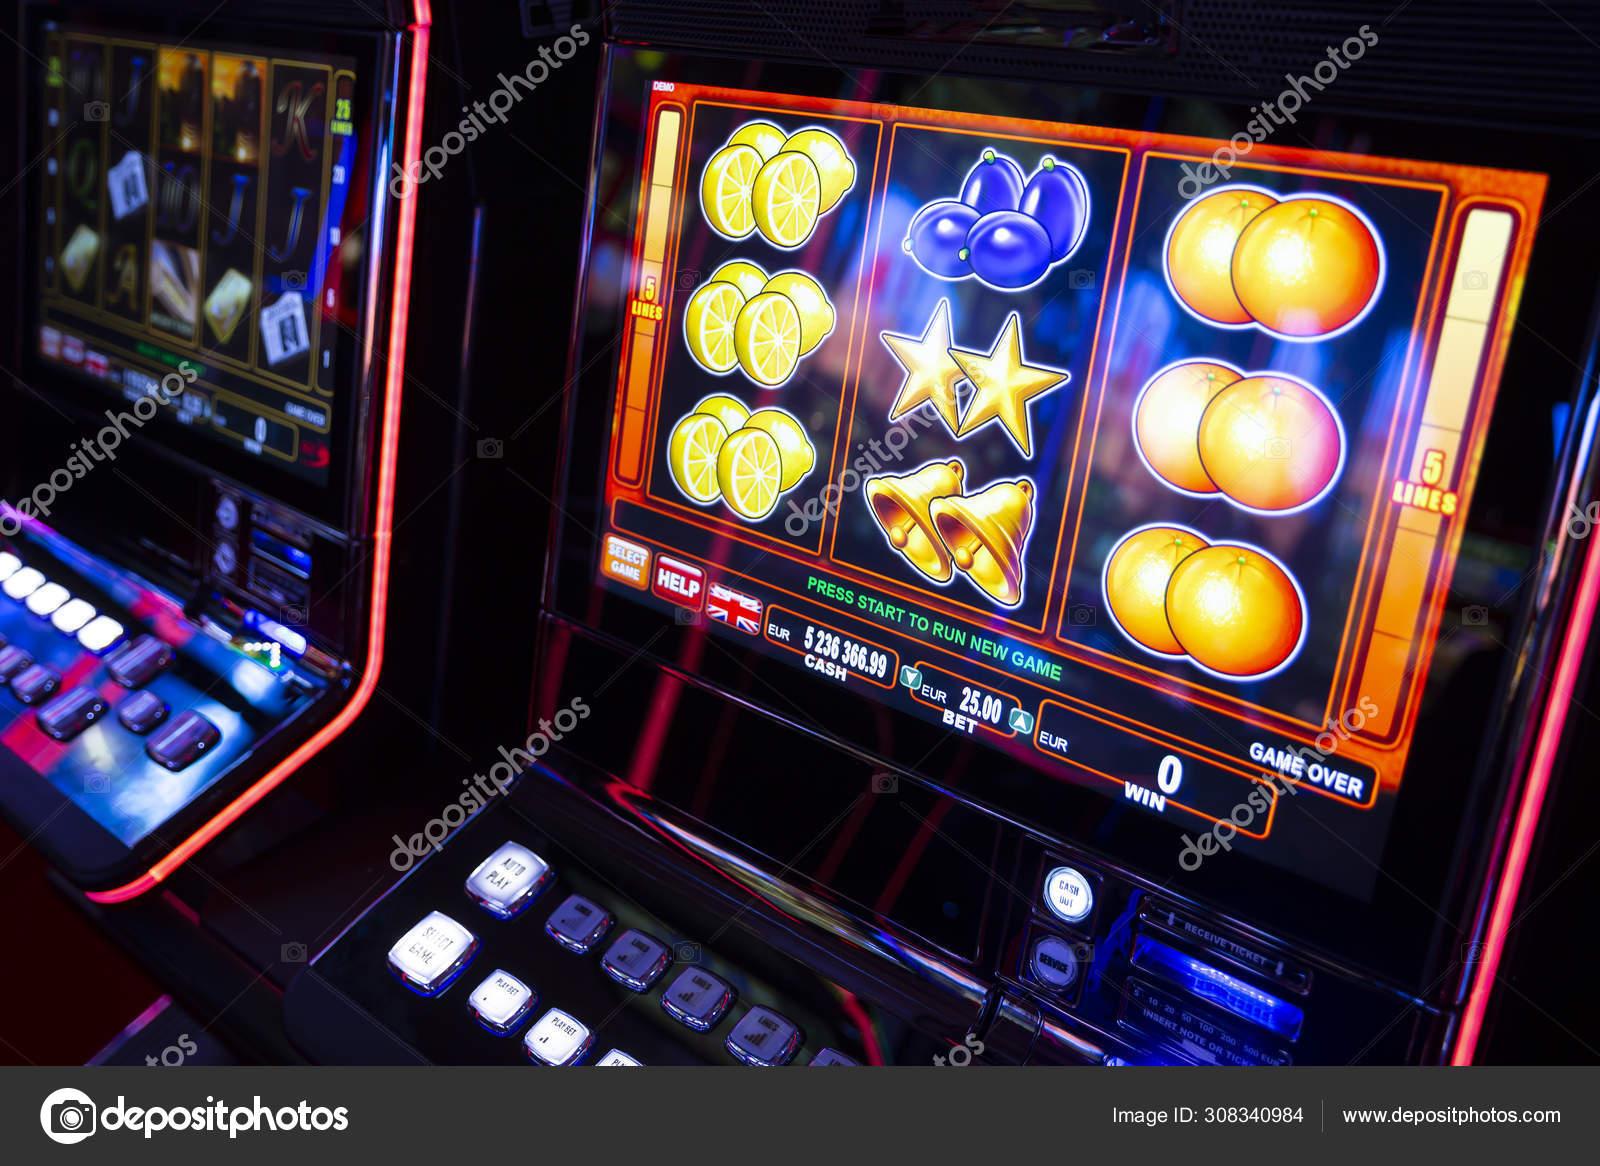 Computer Monitor Of Slot Machines In Casino Stock Photo C Belish